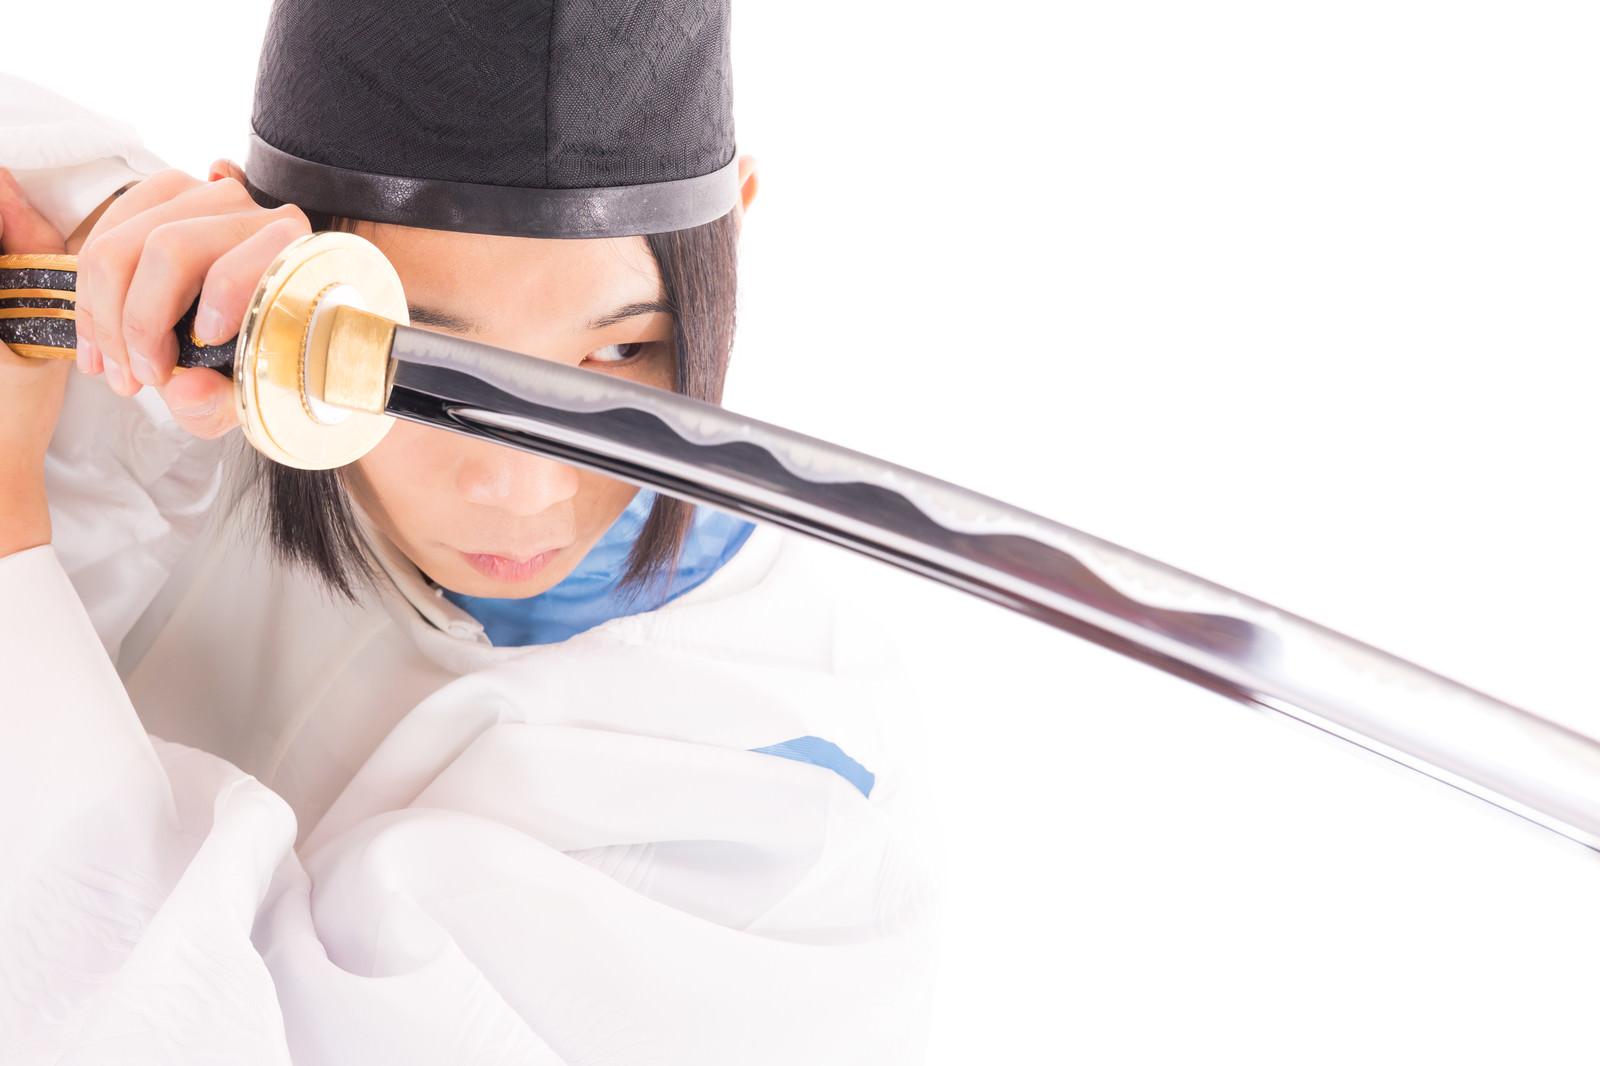 「太刀を構え剣先を見つめる狩衣の剣士」の写真[モデル:まーこ]